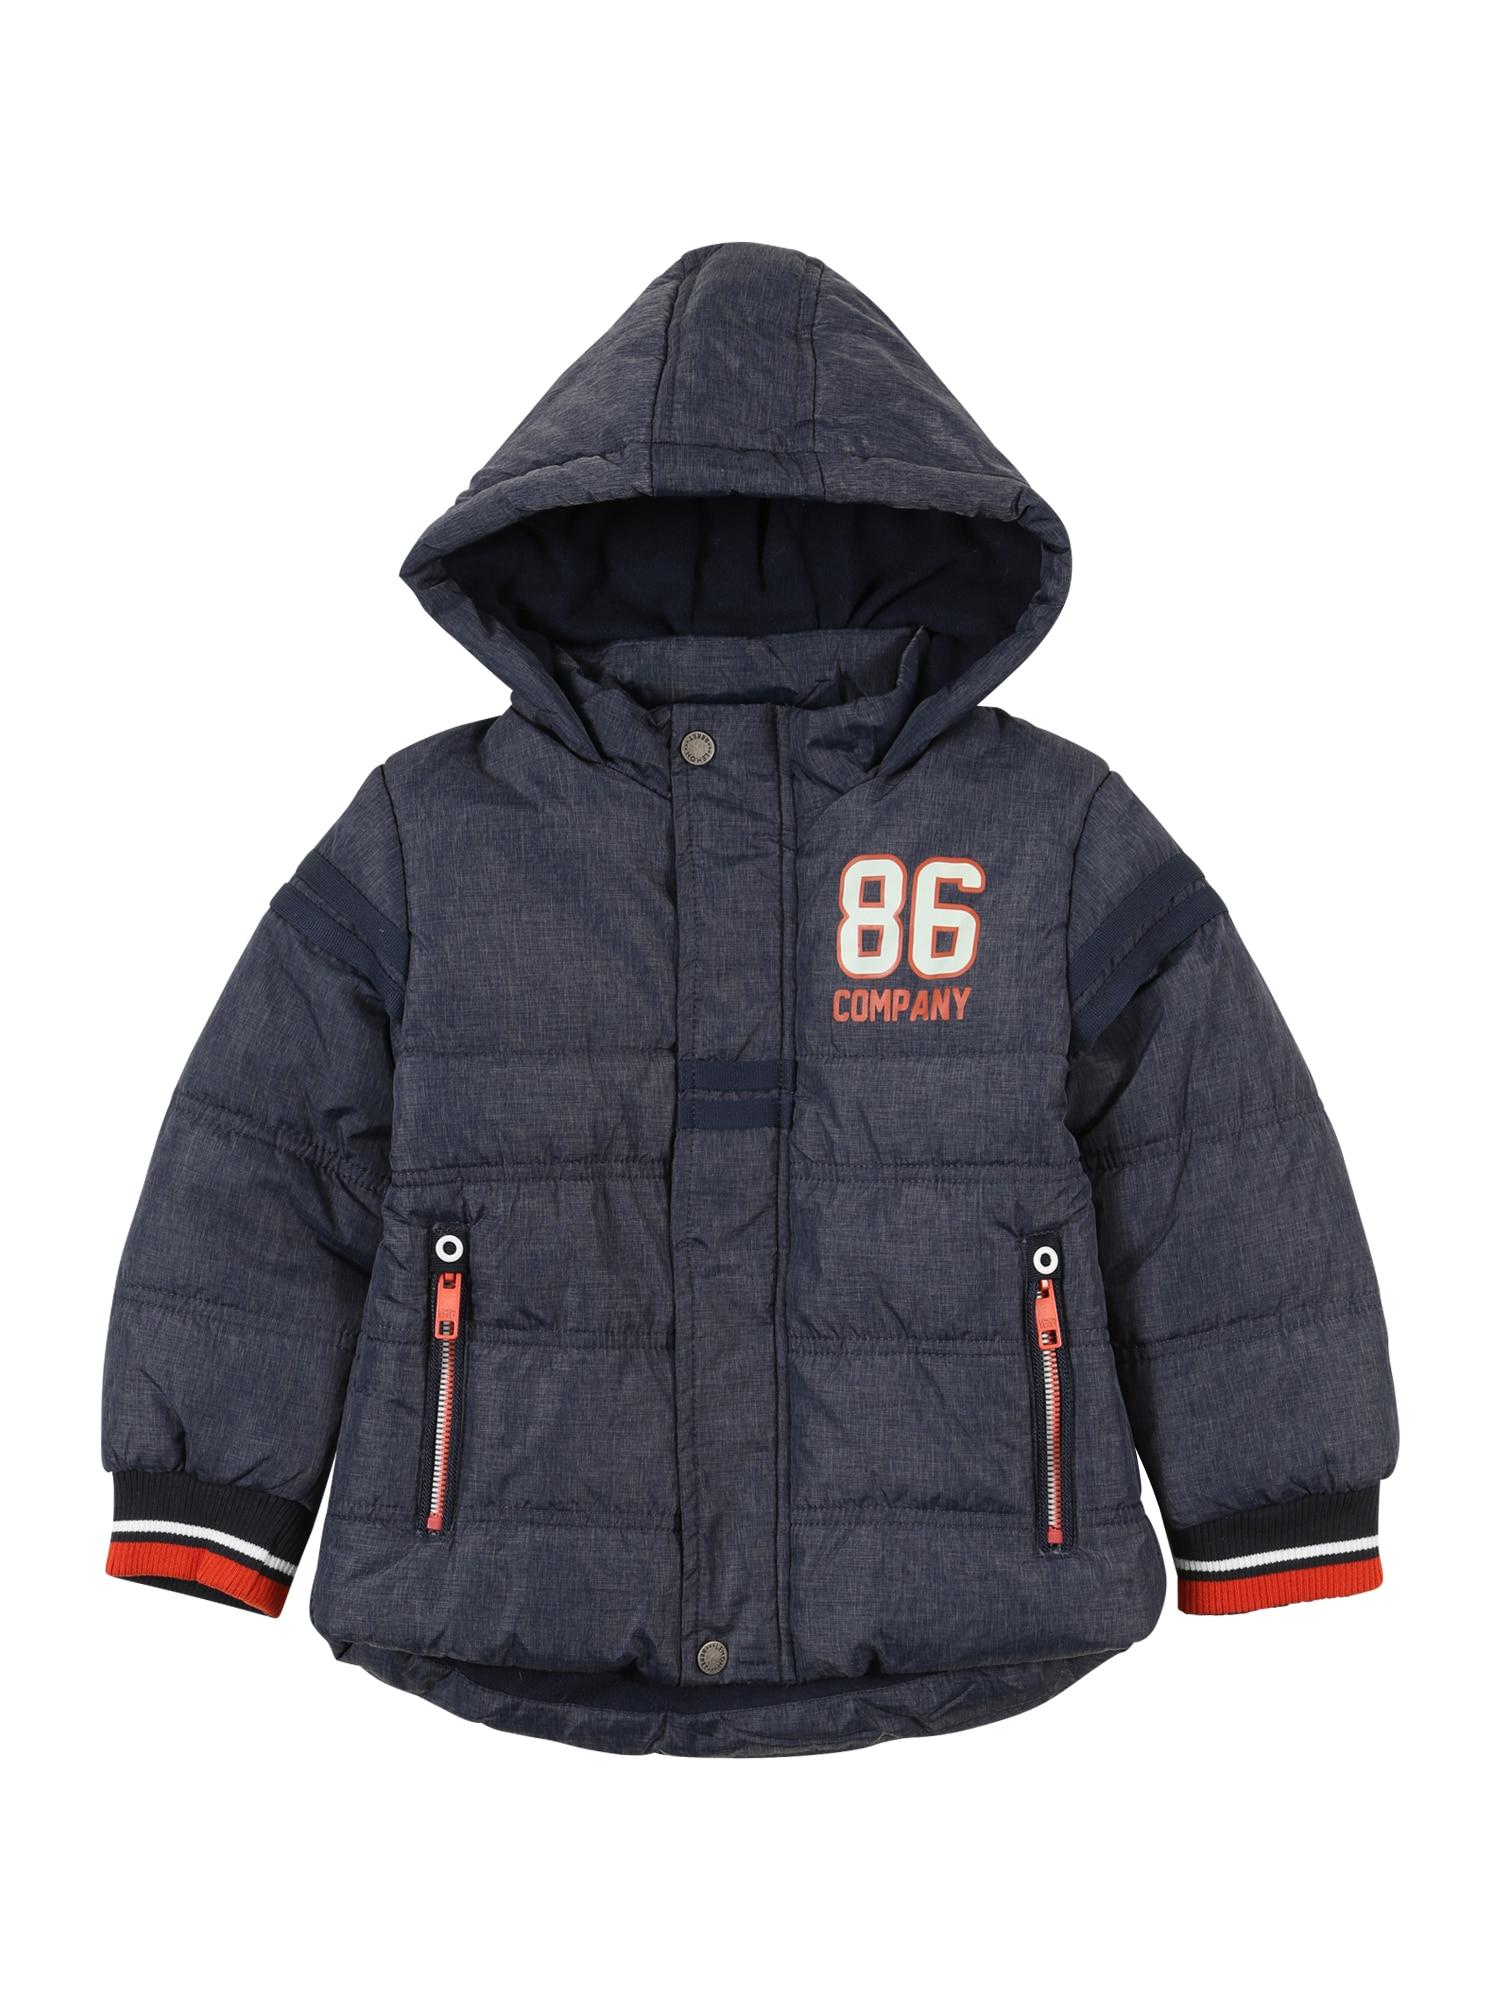 LEMON BERET Žieminė striukė 'Small Boys' melsvai pilka / balta / juoda / oranžinė